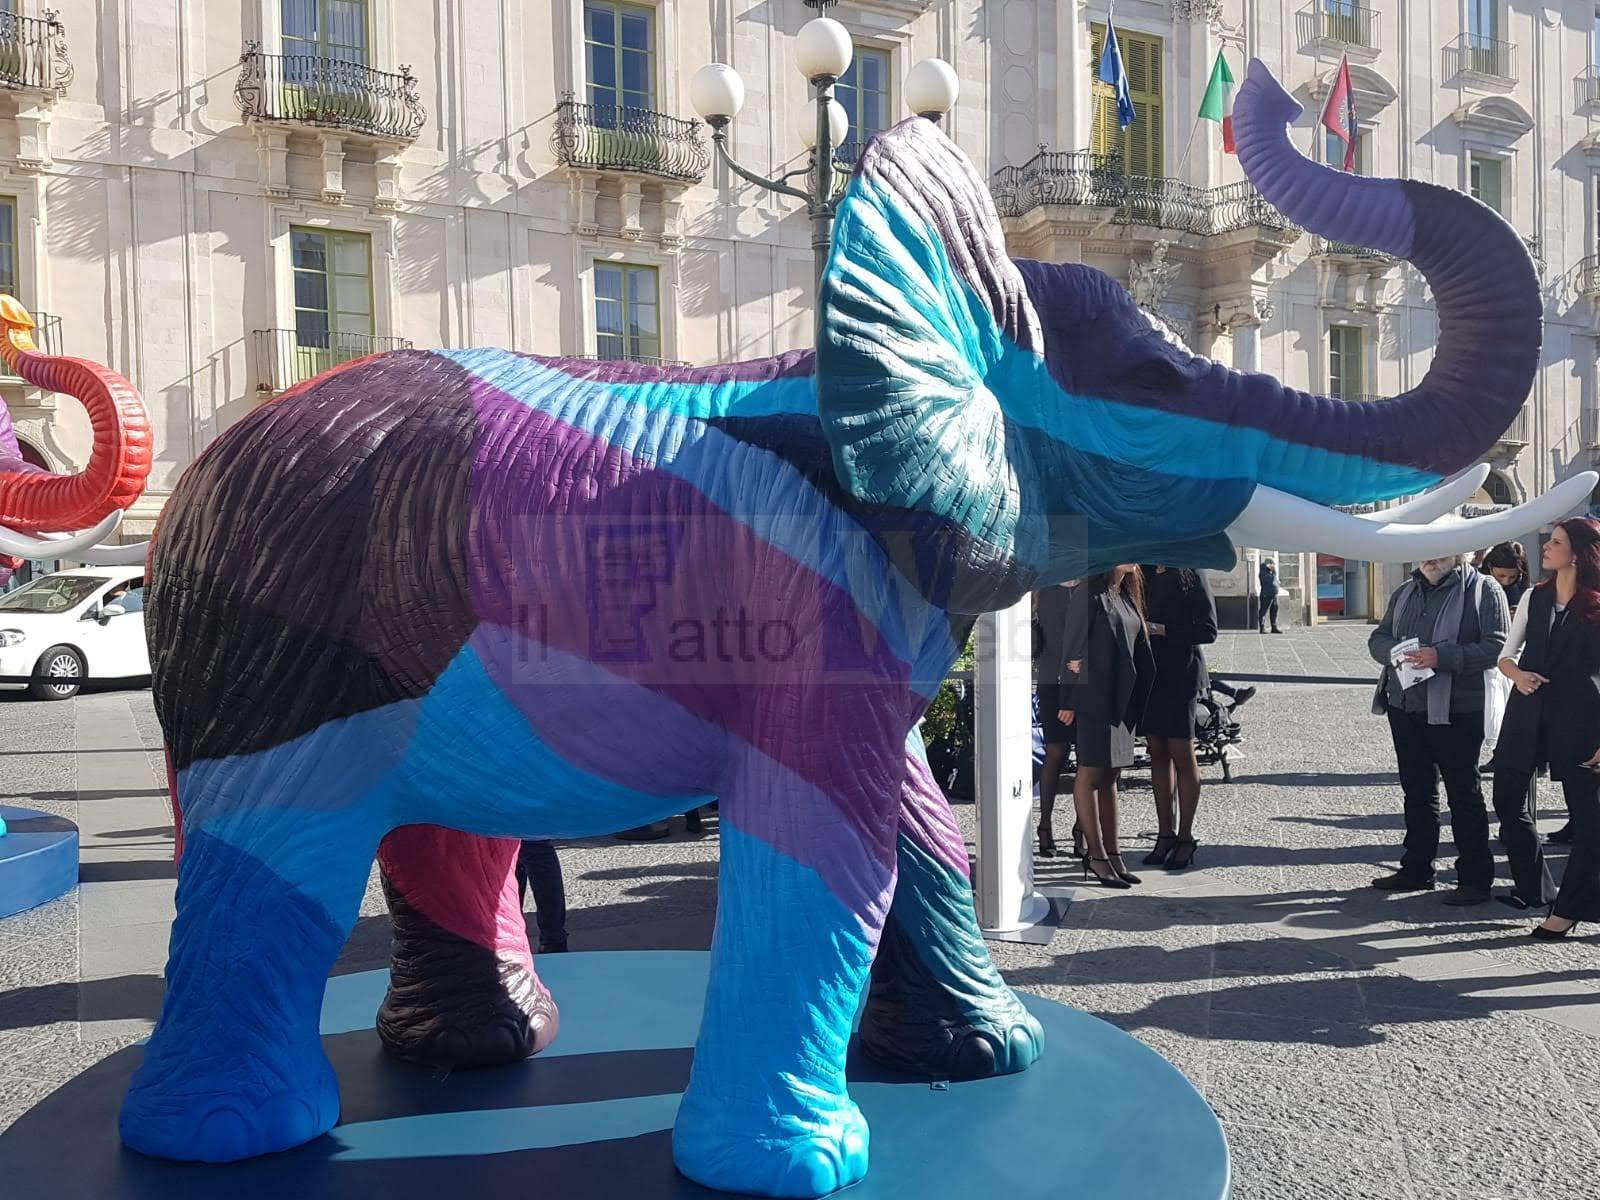 """In Piazza Università i """"Liotri"""" di Salvo Ligama, 4  opere d'arte contemporanea regalate alla città dalla BAT Italia"""